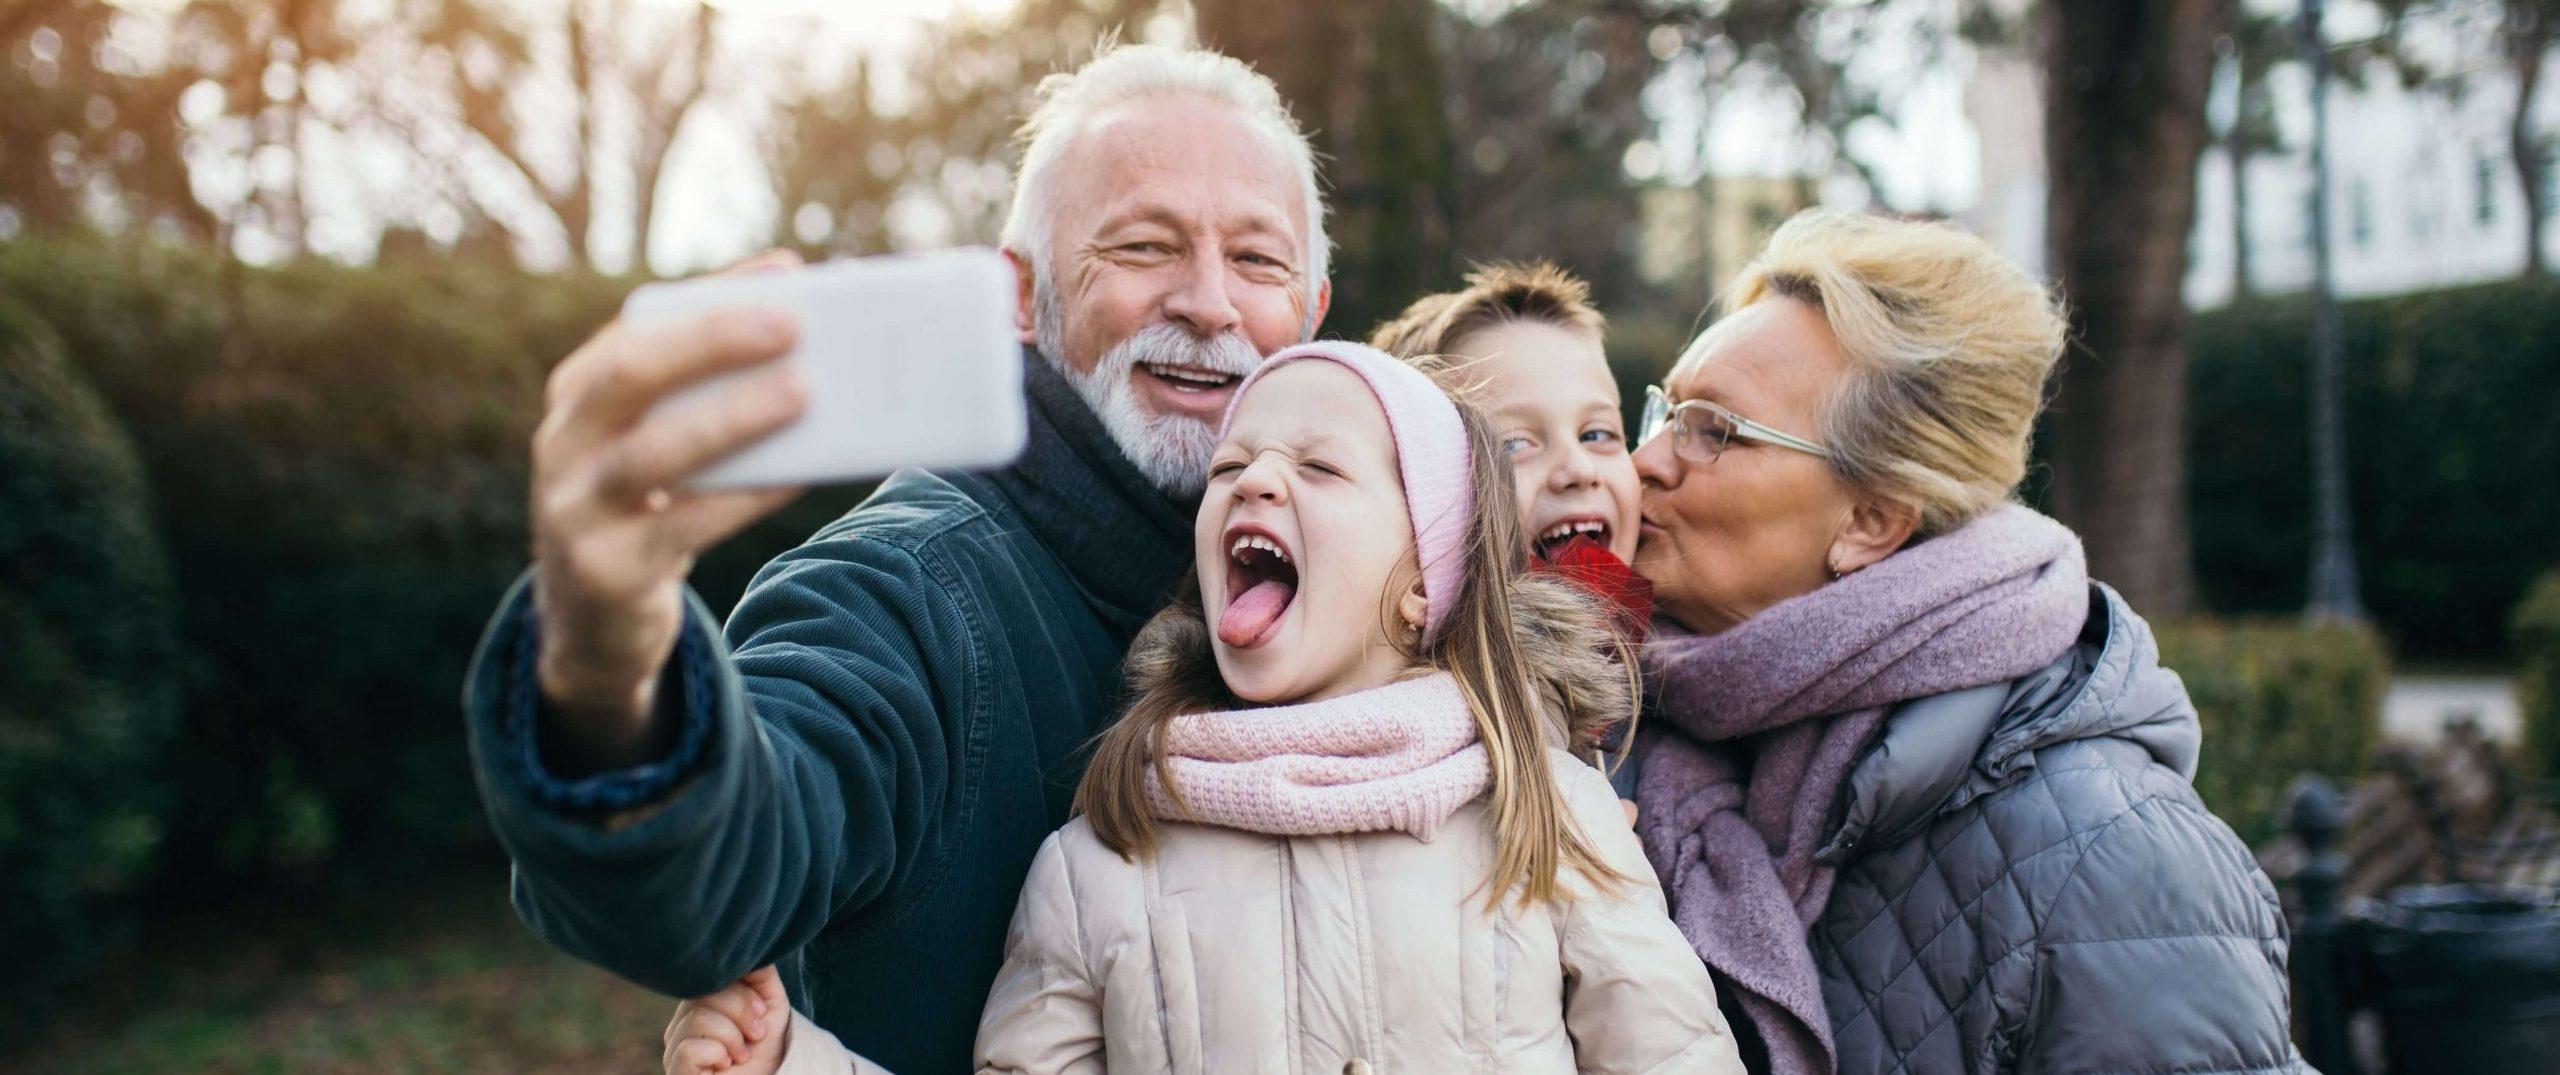 Familie mit Opa, Oma und Enkelkindern macht einen Selfie im Garten. Sie lachen und haben Spaß.